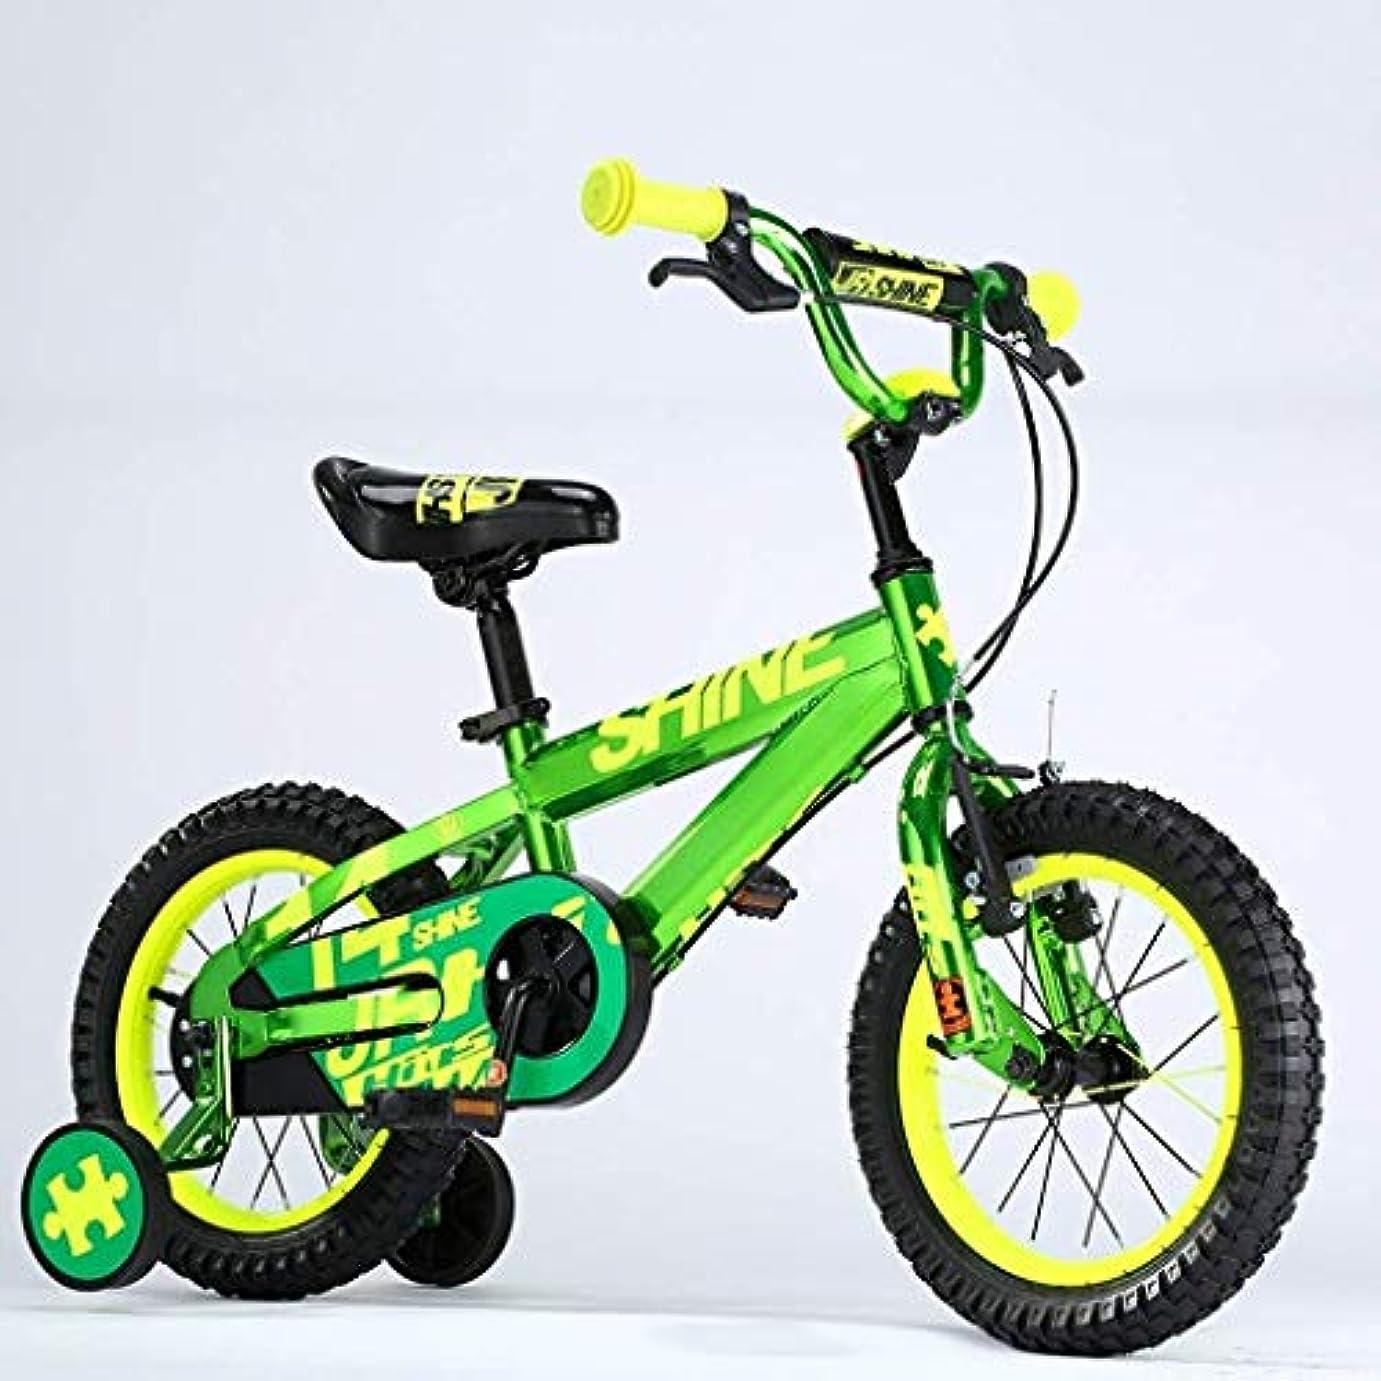 湖ミネラル汚染するスポーツアウトドアコミューターシティロードバイク自転車旅行子供用自転車  2-4歳の男の子と女の子  の高さ85-105cm の  12インチ